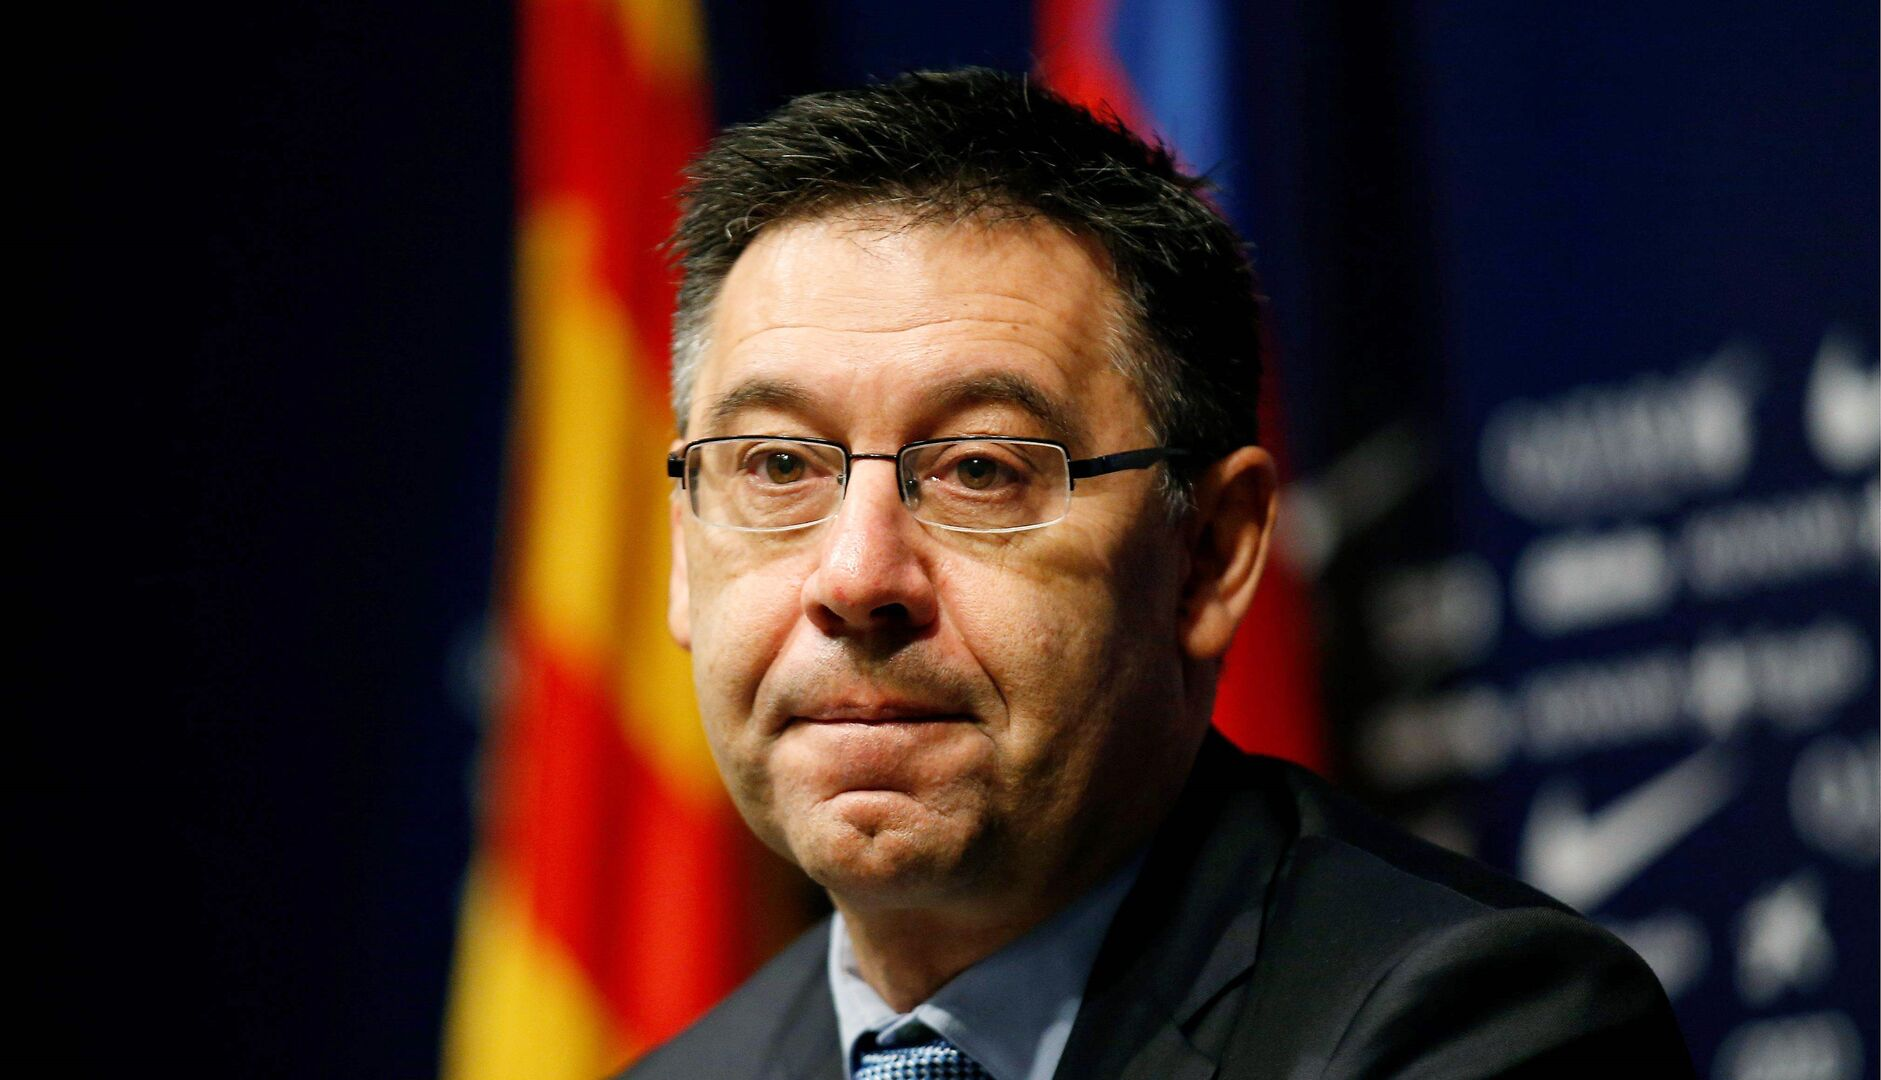 """El Barça no contempla dejar la Liga y dice ahora que no van """"a hablar de política"""""""